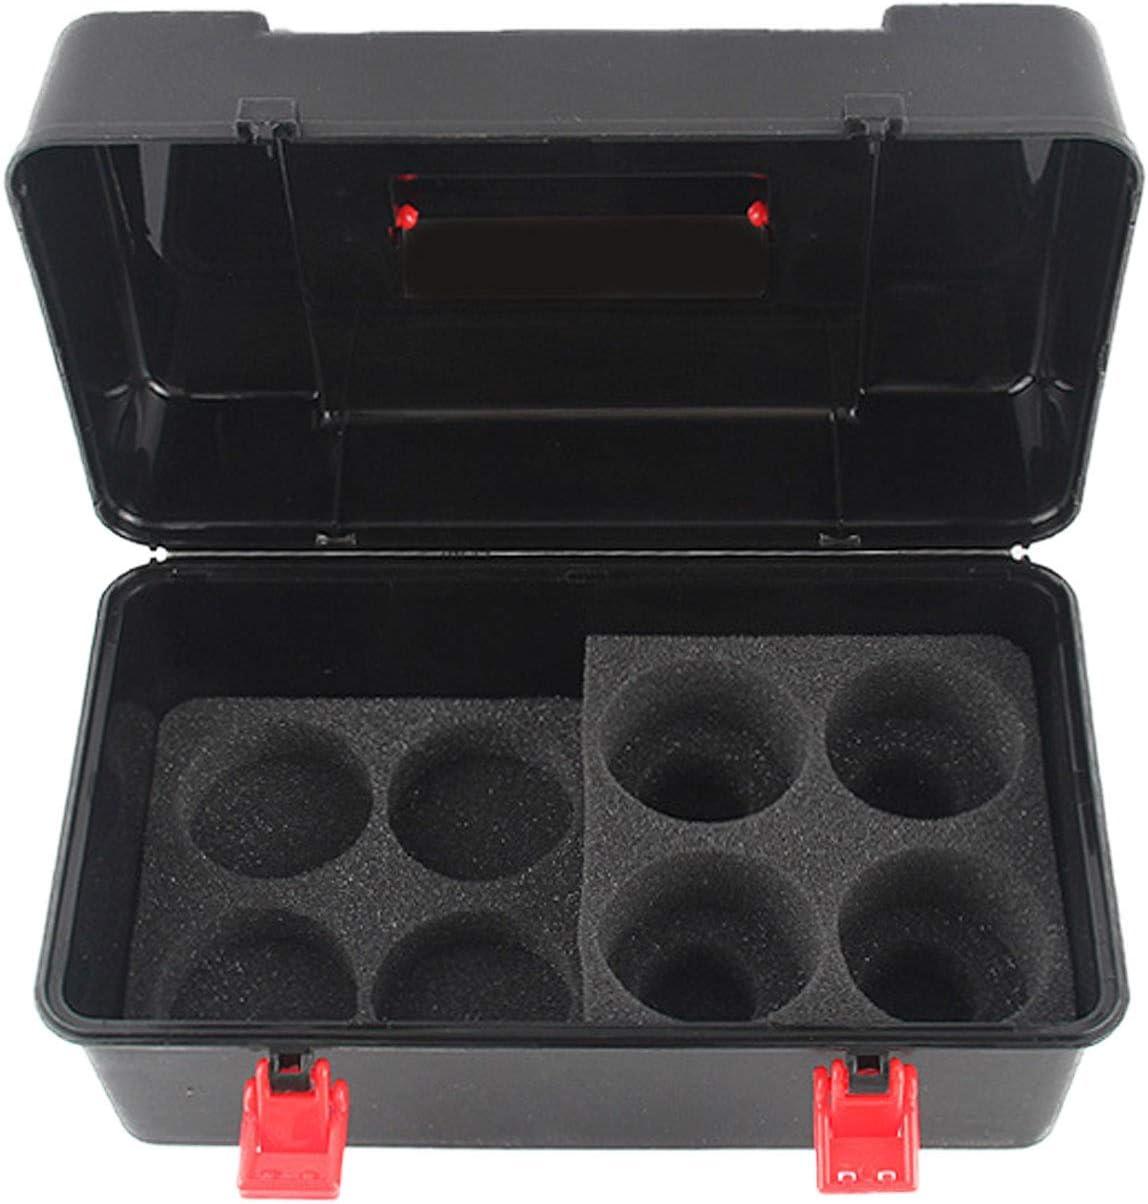 12x Beyblade Burst B-68 Storage Bag Case Set mit Launcher Grip Kinder Geschenk